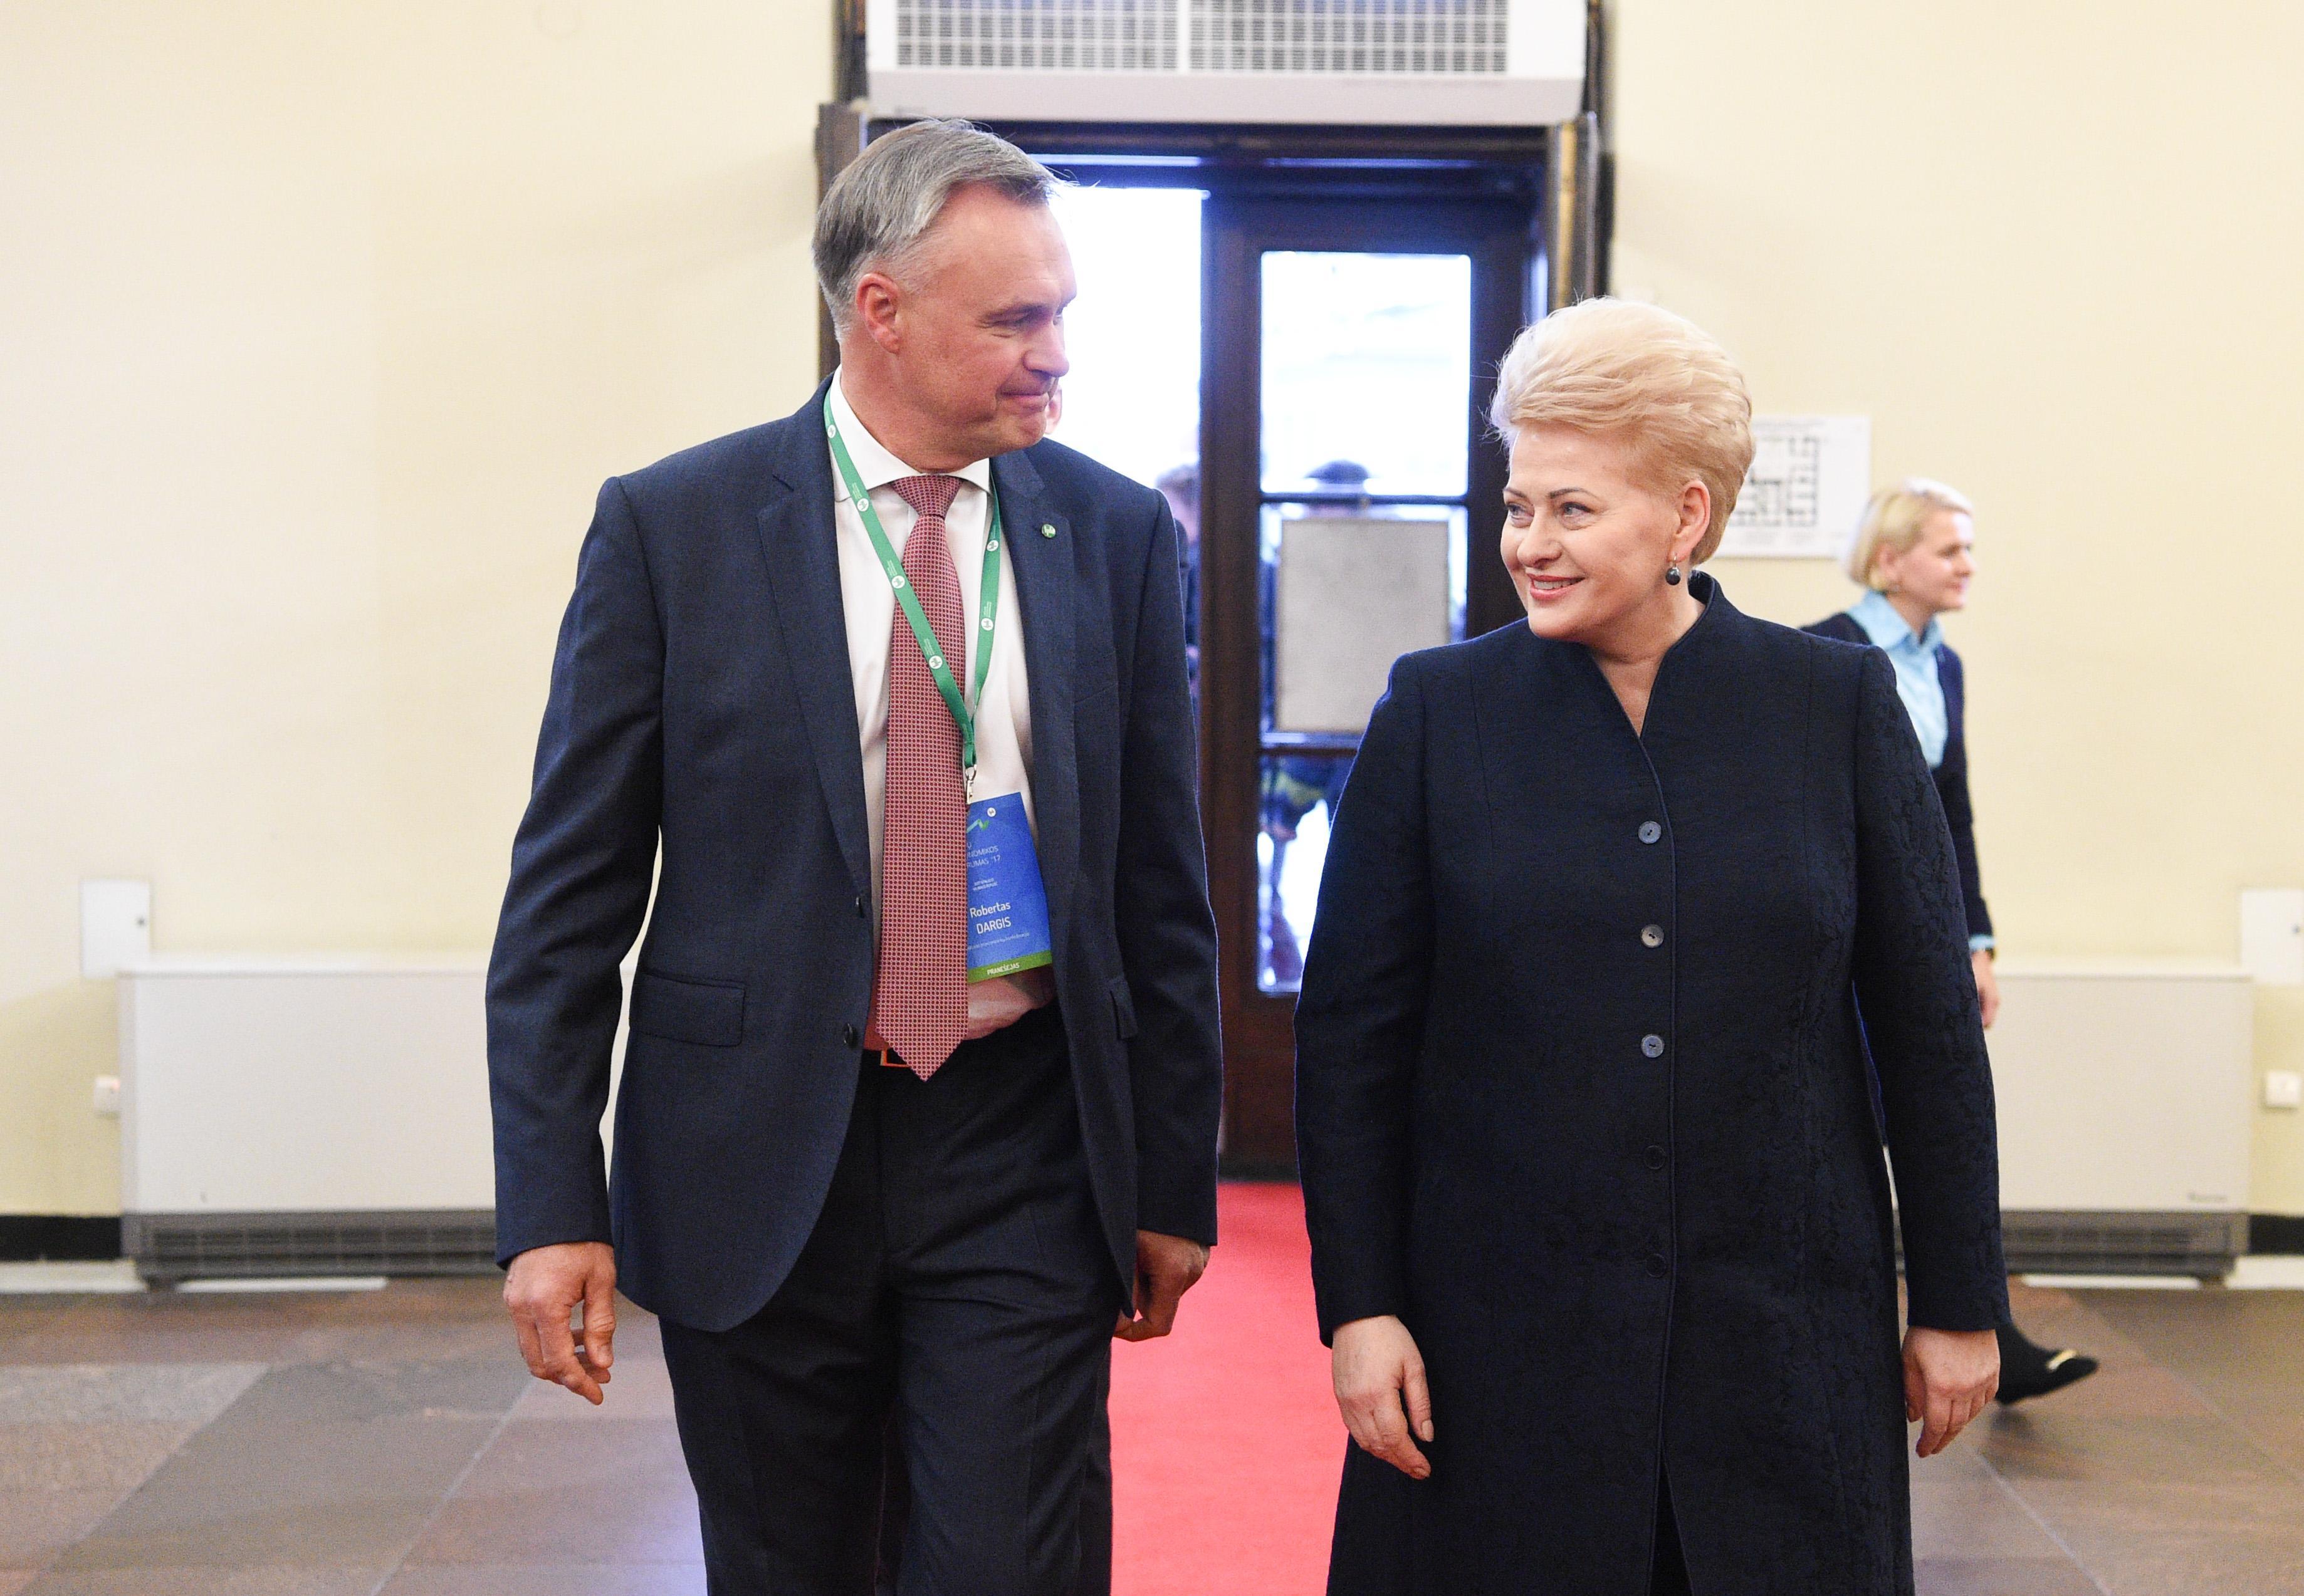 Учредитель ВЭФ в Давосе пригласил президента Литвы на форум в следующем году